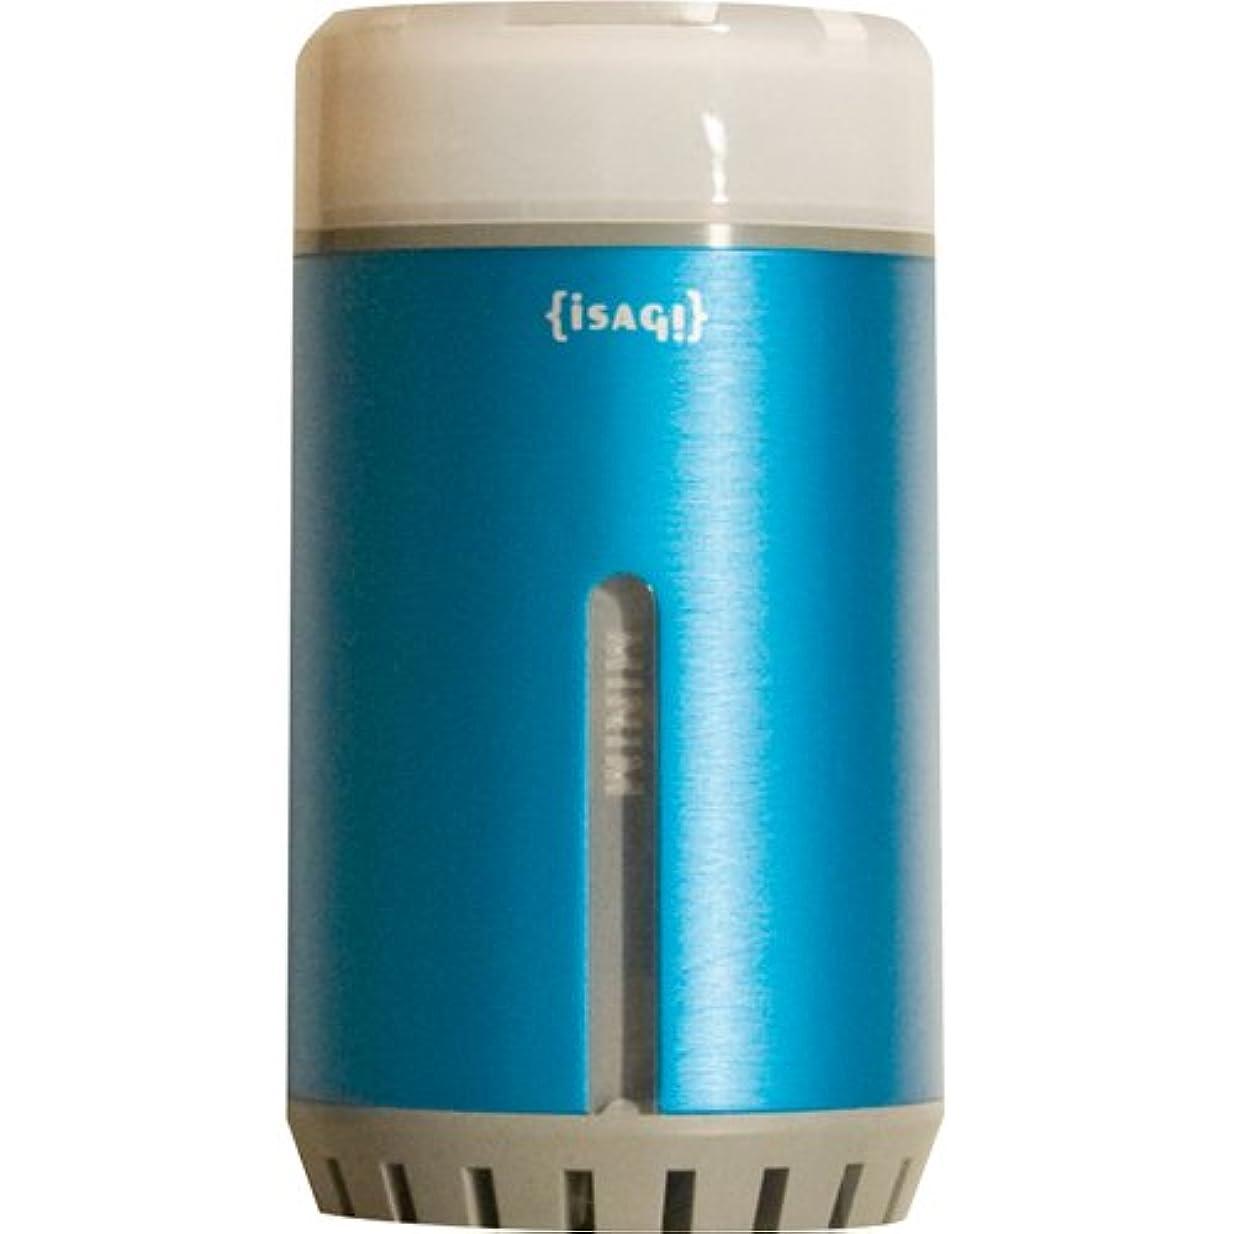 真実にホスト炎上ISAGI 超音波式アロマディフューザー MINIM ブルー